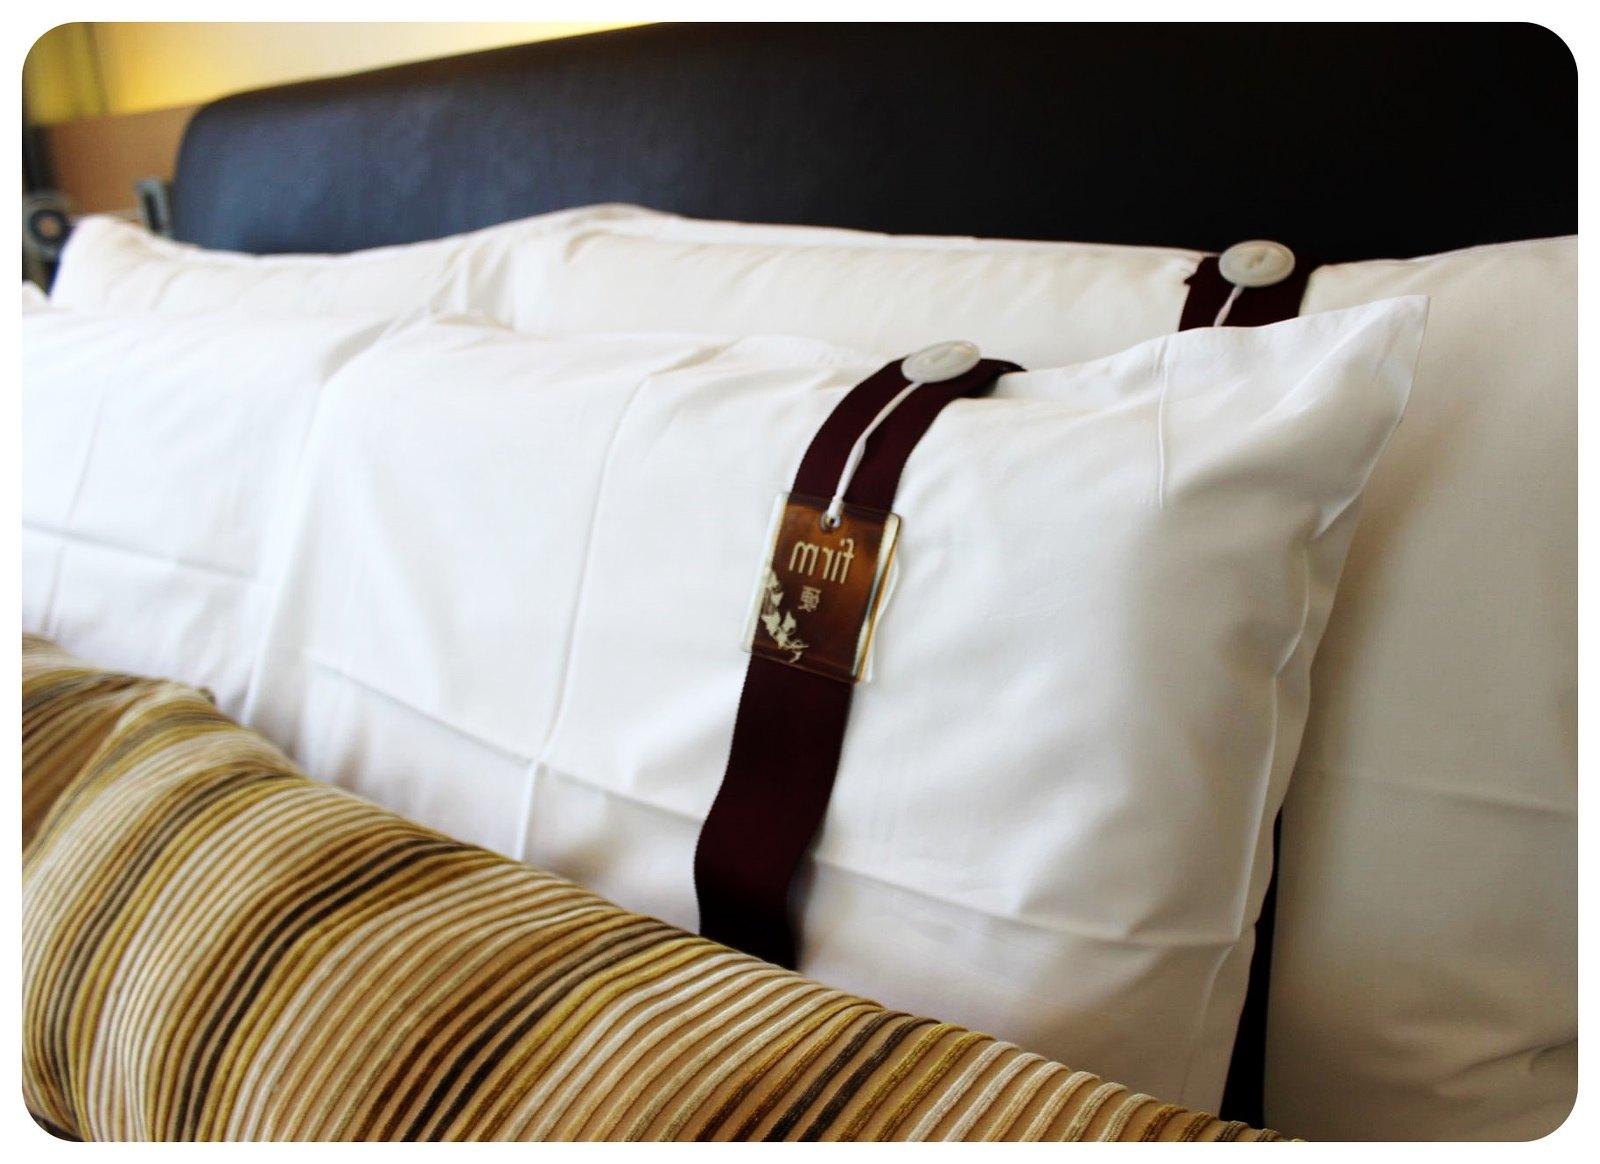 LKF hotel Hong Kong pillows